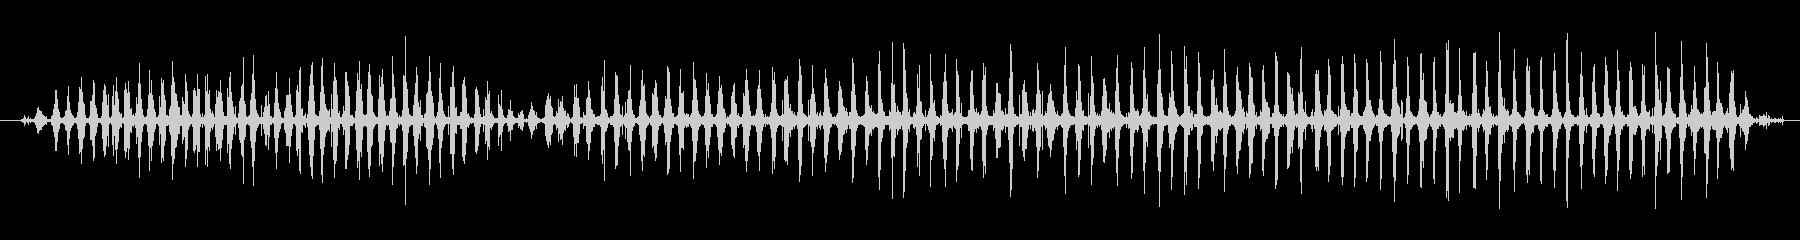 シェーカー ウッドラトルファストハ...の未再生の波形